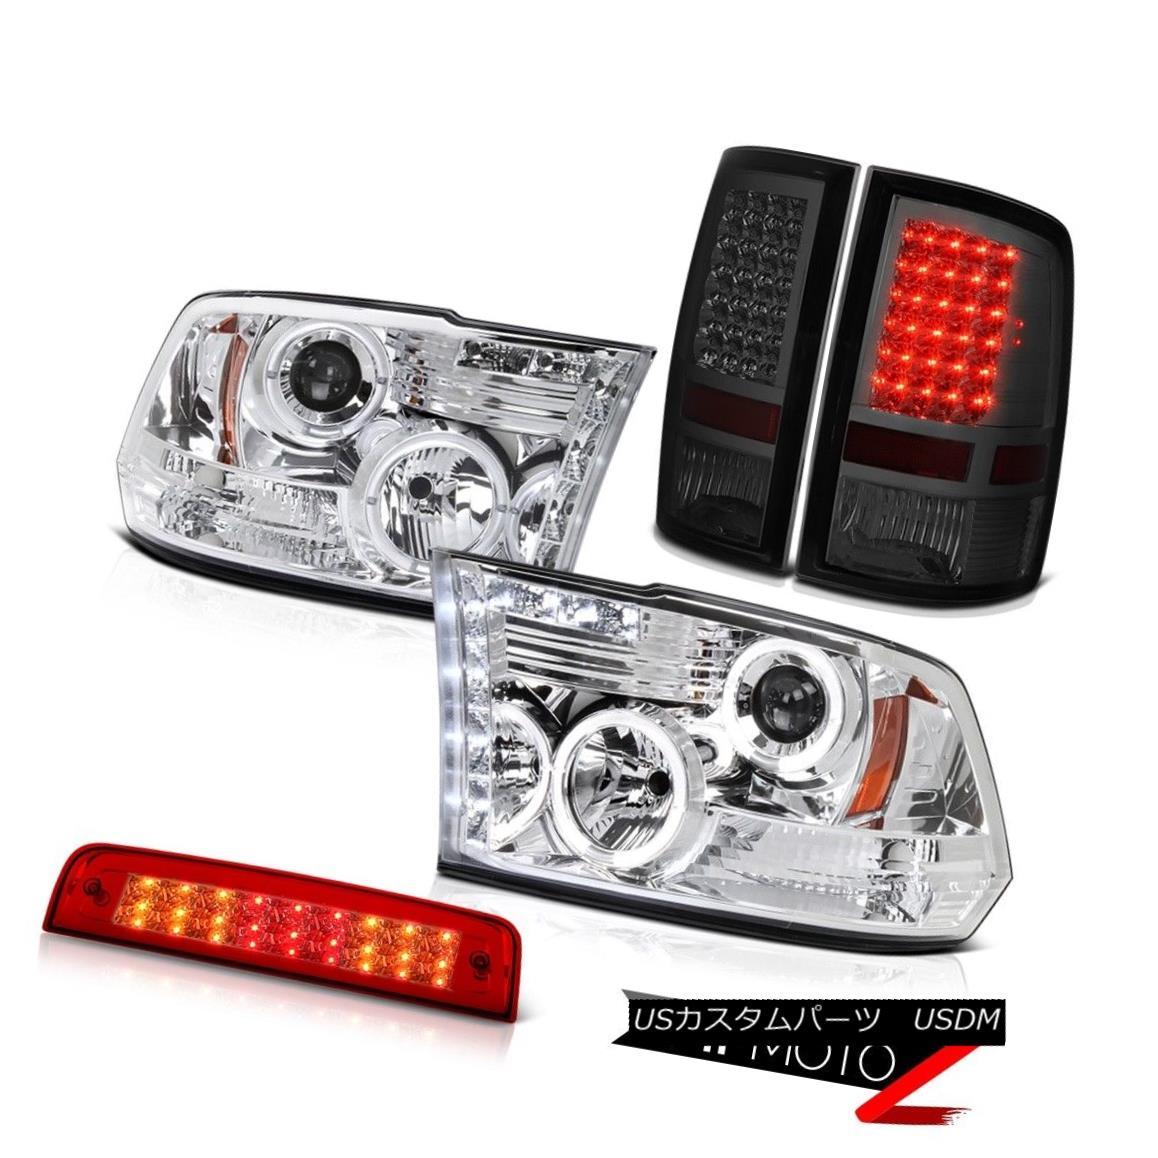 テールライト 09-18 Ram 1500 2500 3500 Lone Star 3RD Brake Light Parking Lights Headlights SMD 09-18 Ram 1500 2500 3500ローンスター3RDブレーキライトパーキングライトヘッドライトSMD